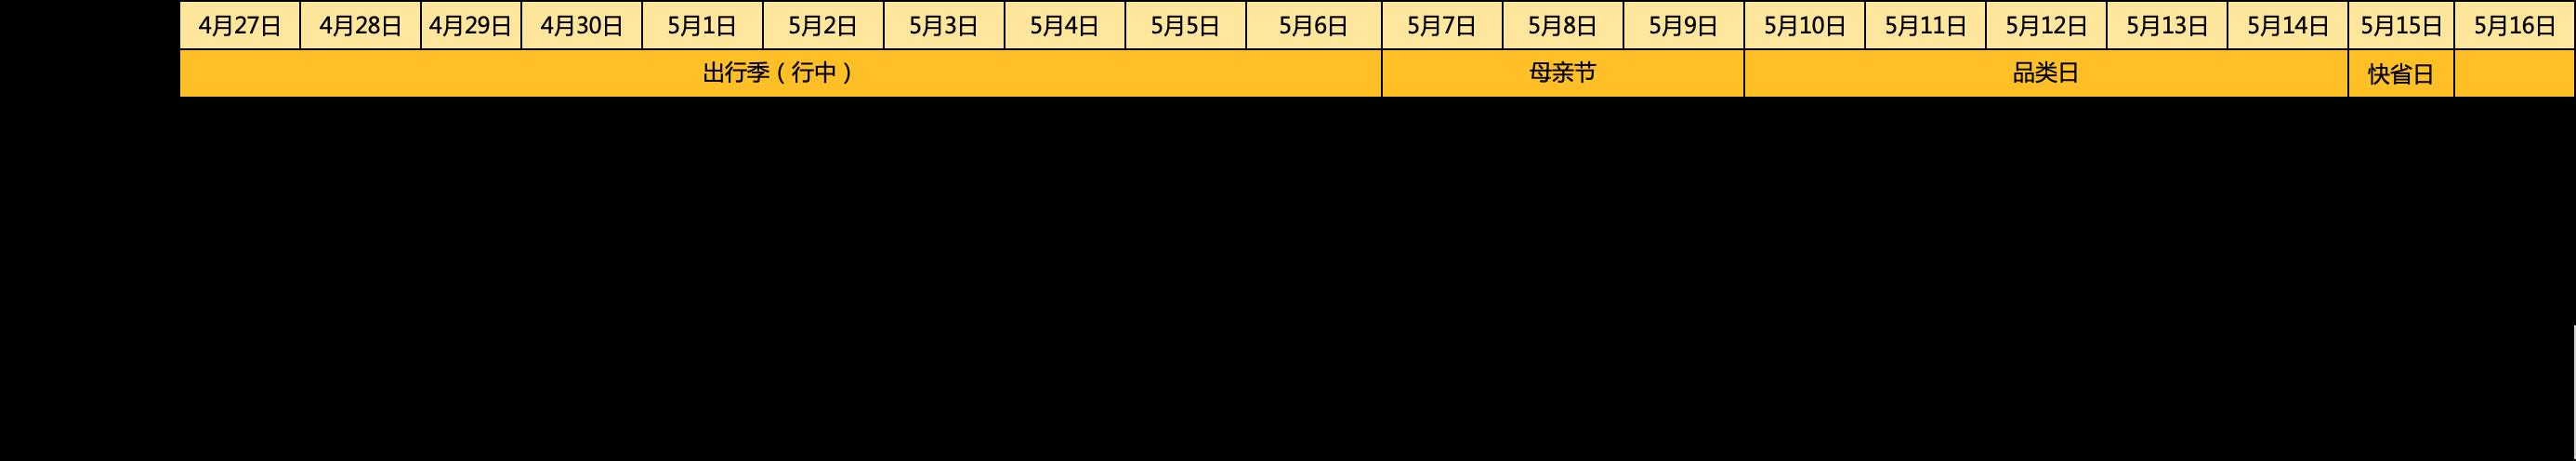 4a47a0db6e60853dedfcfdf08a5ca249-3